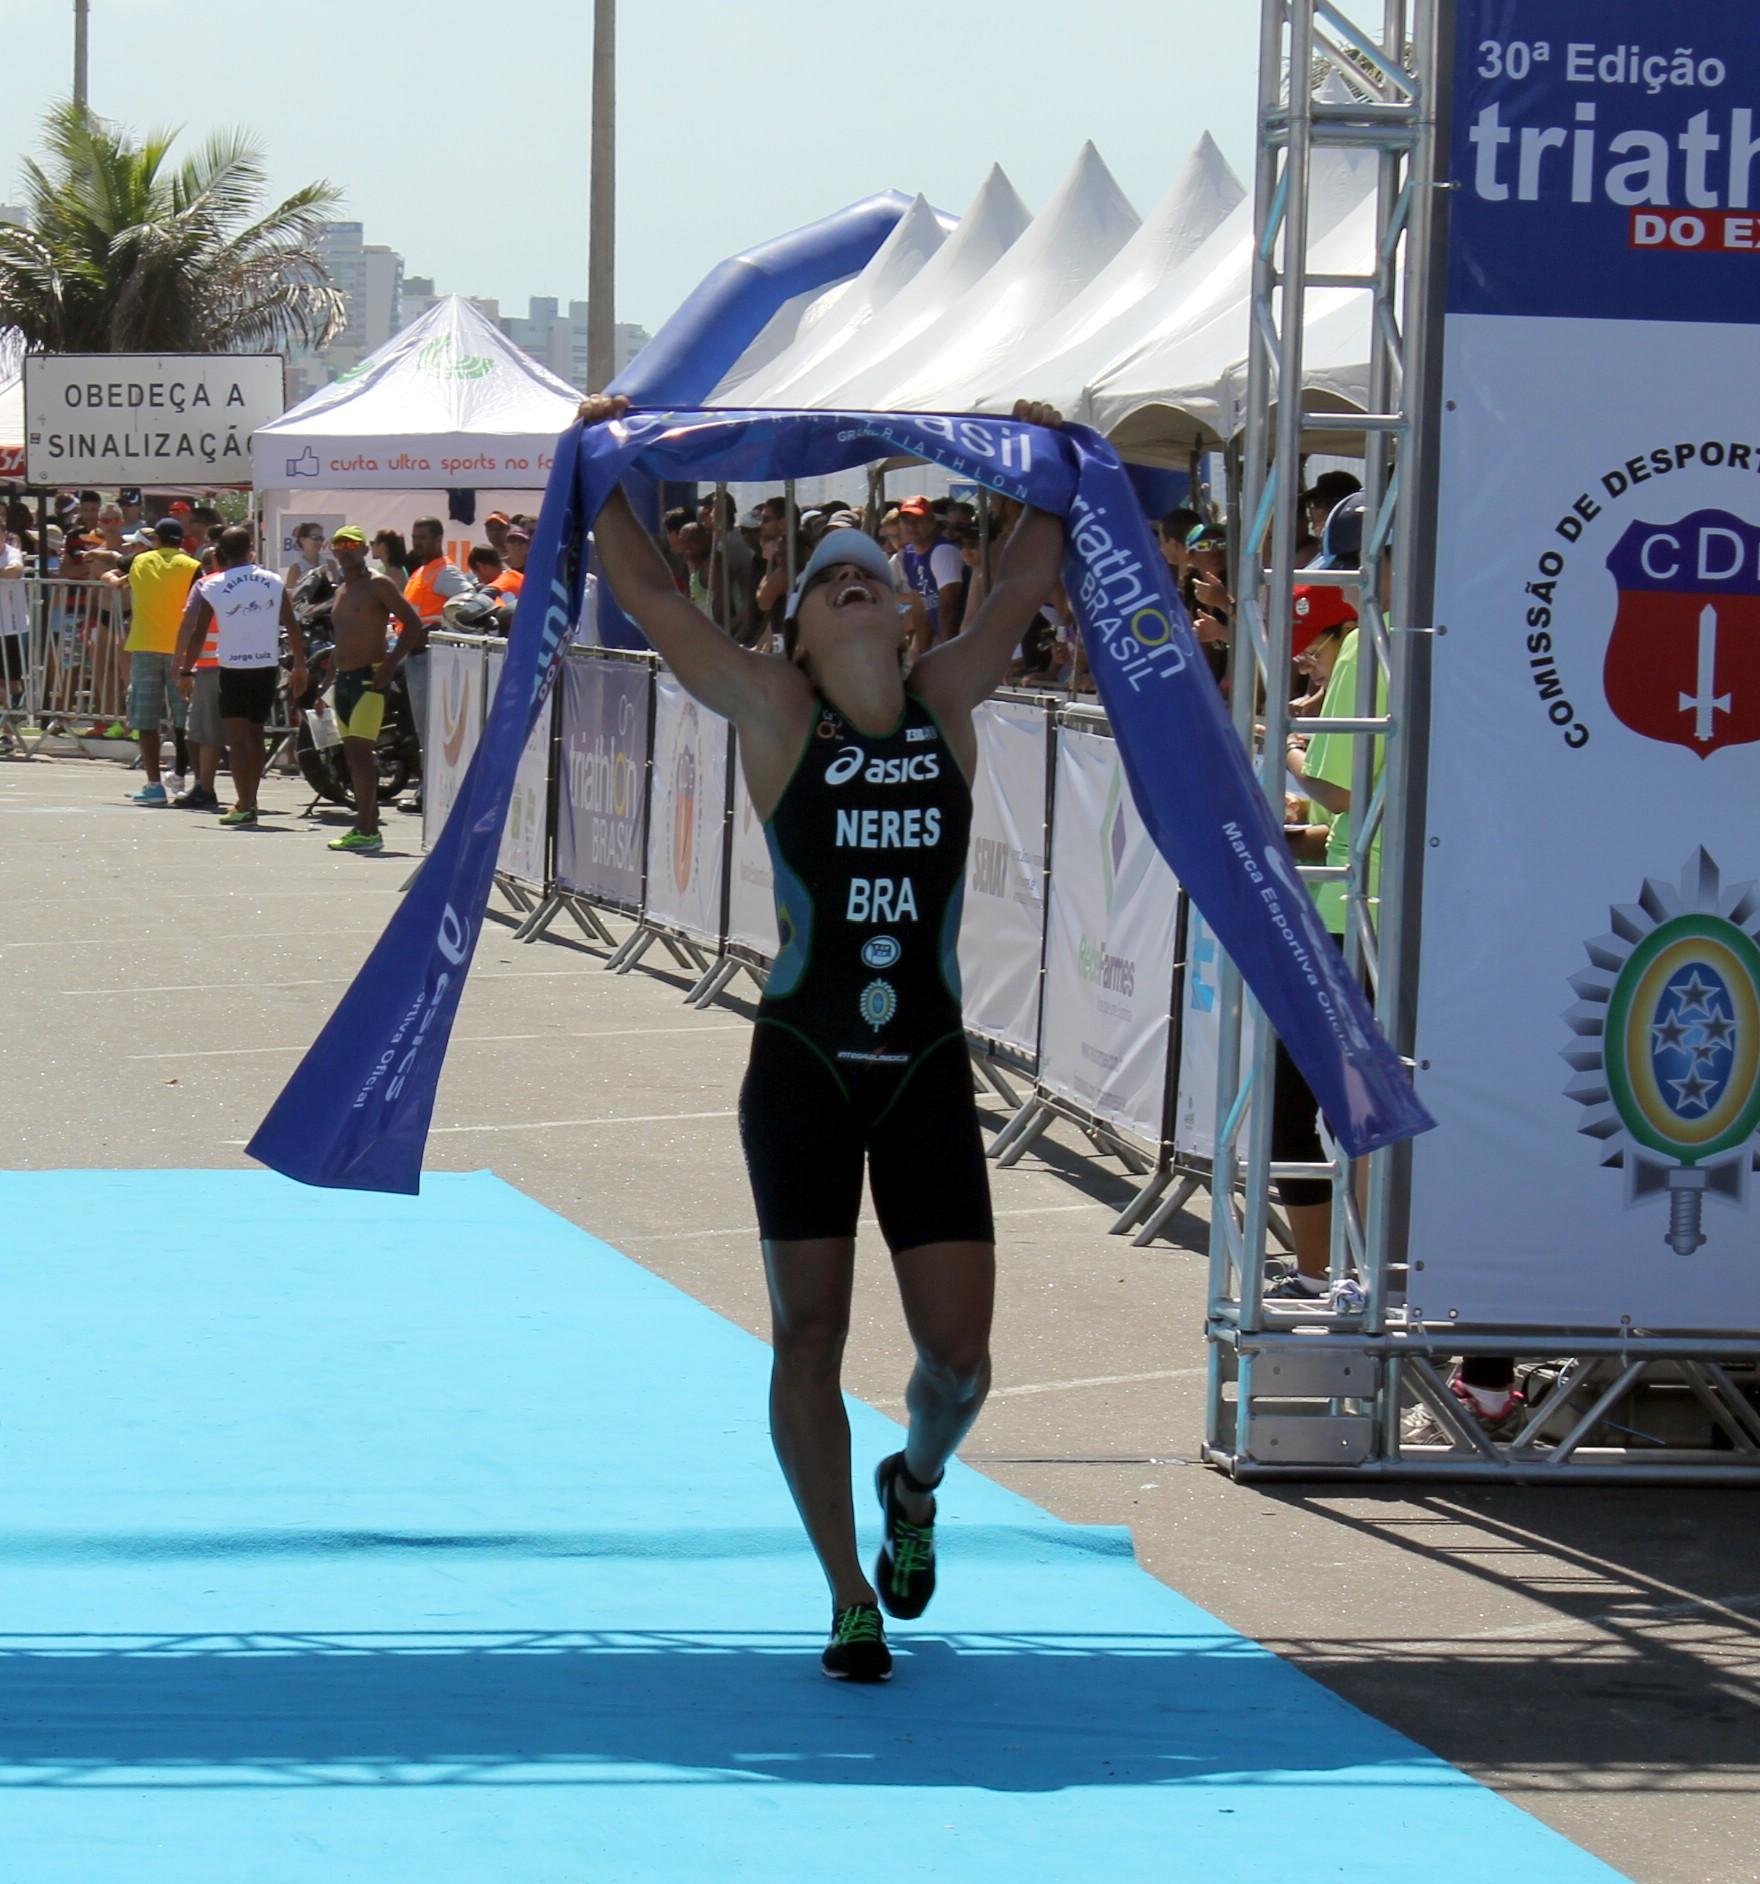 Beatriz Neres, campeã do 30º Triathlon do Exército - Foto: Pauta Livre